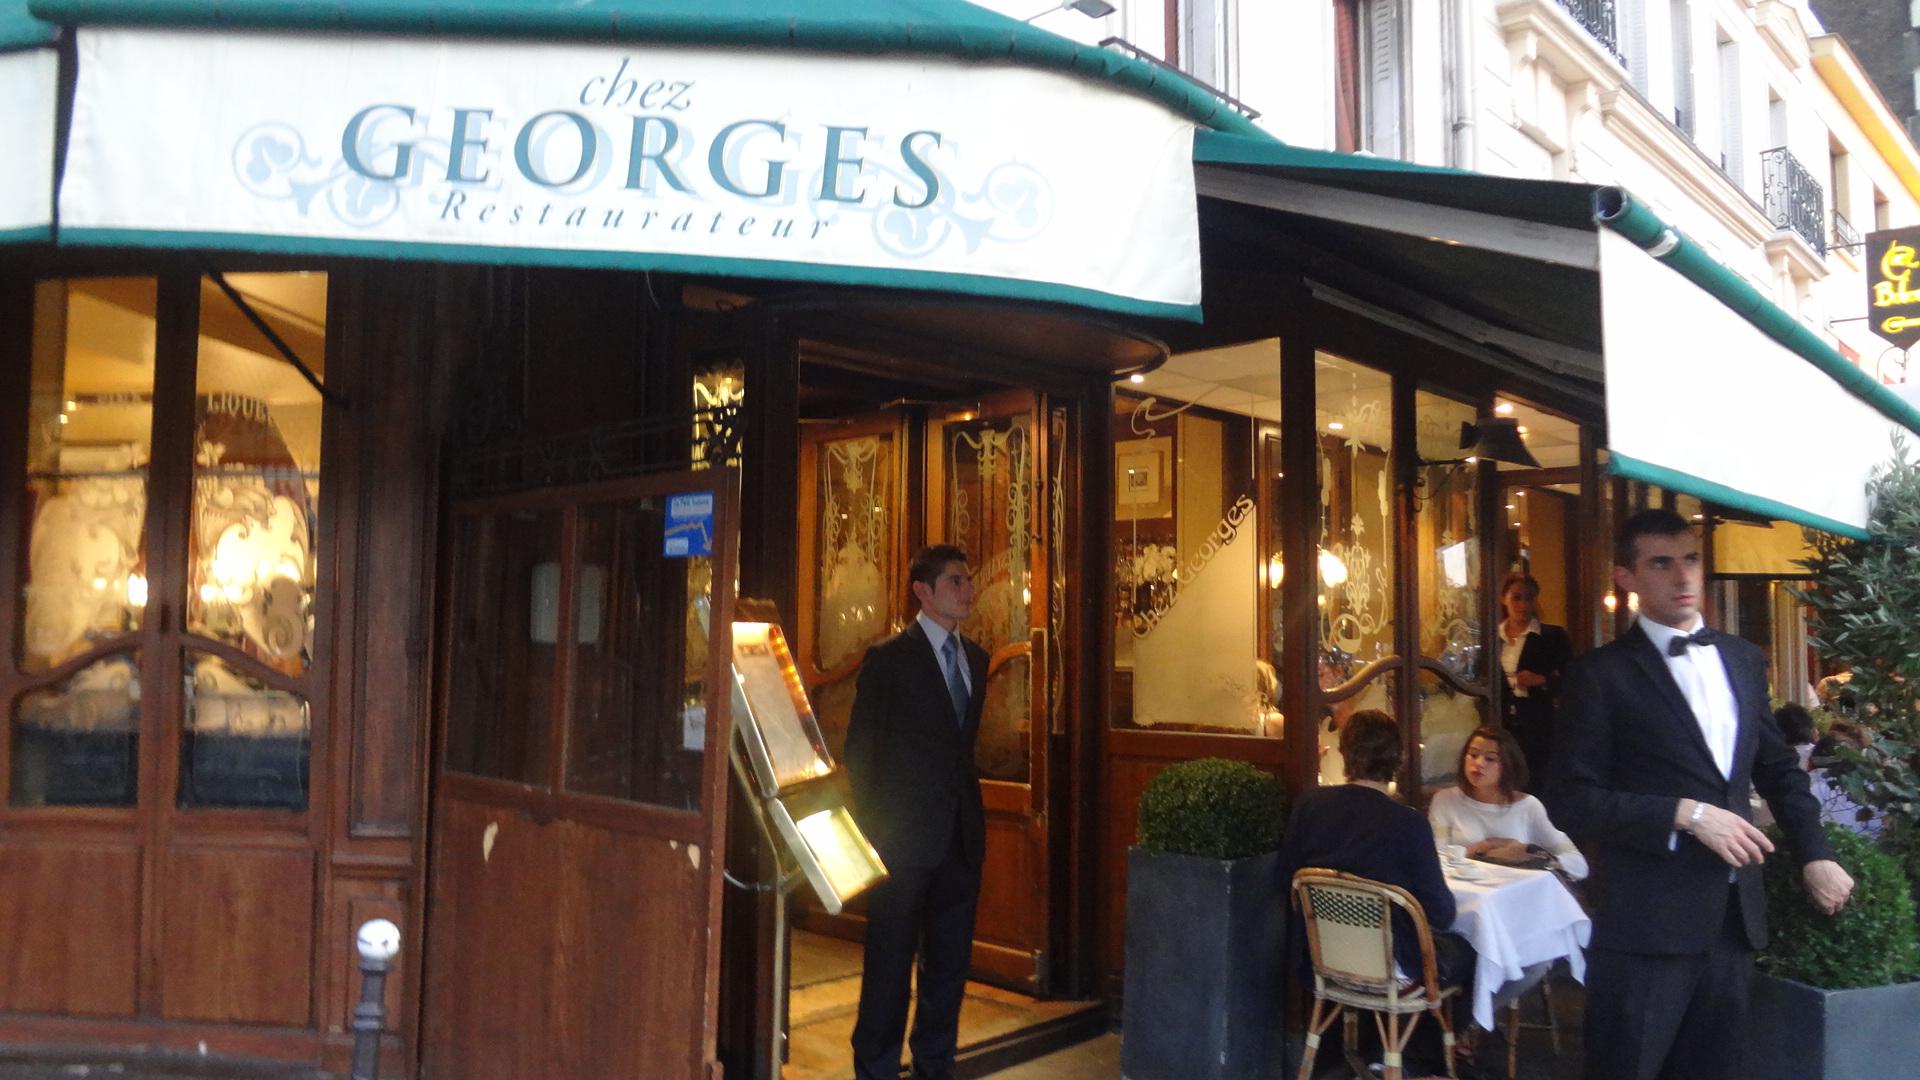 Gigot d agneau et flageolets le blog de gilles pudlowski les pieds dans le plat - Chez georges porte maillot ...